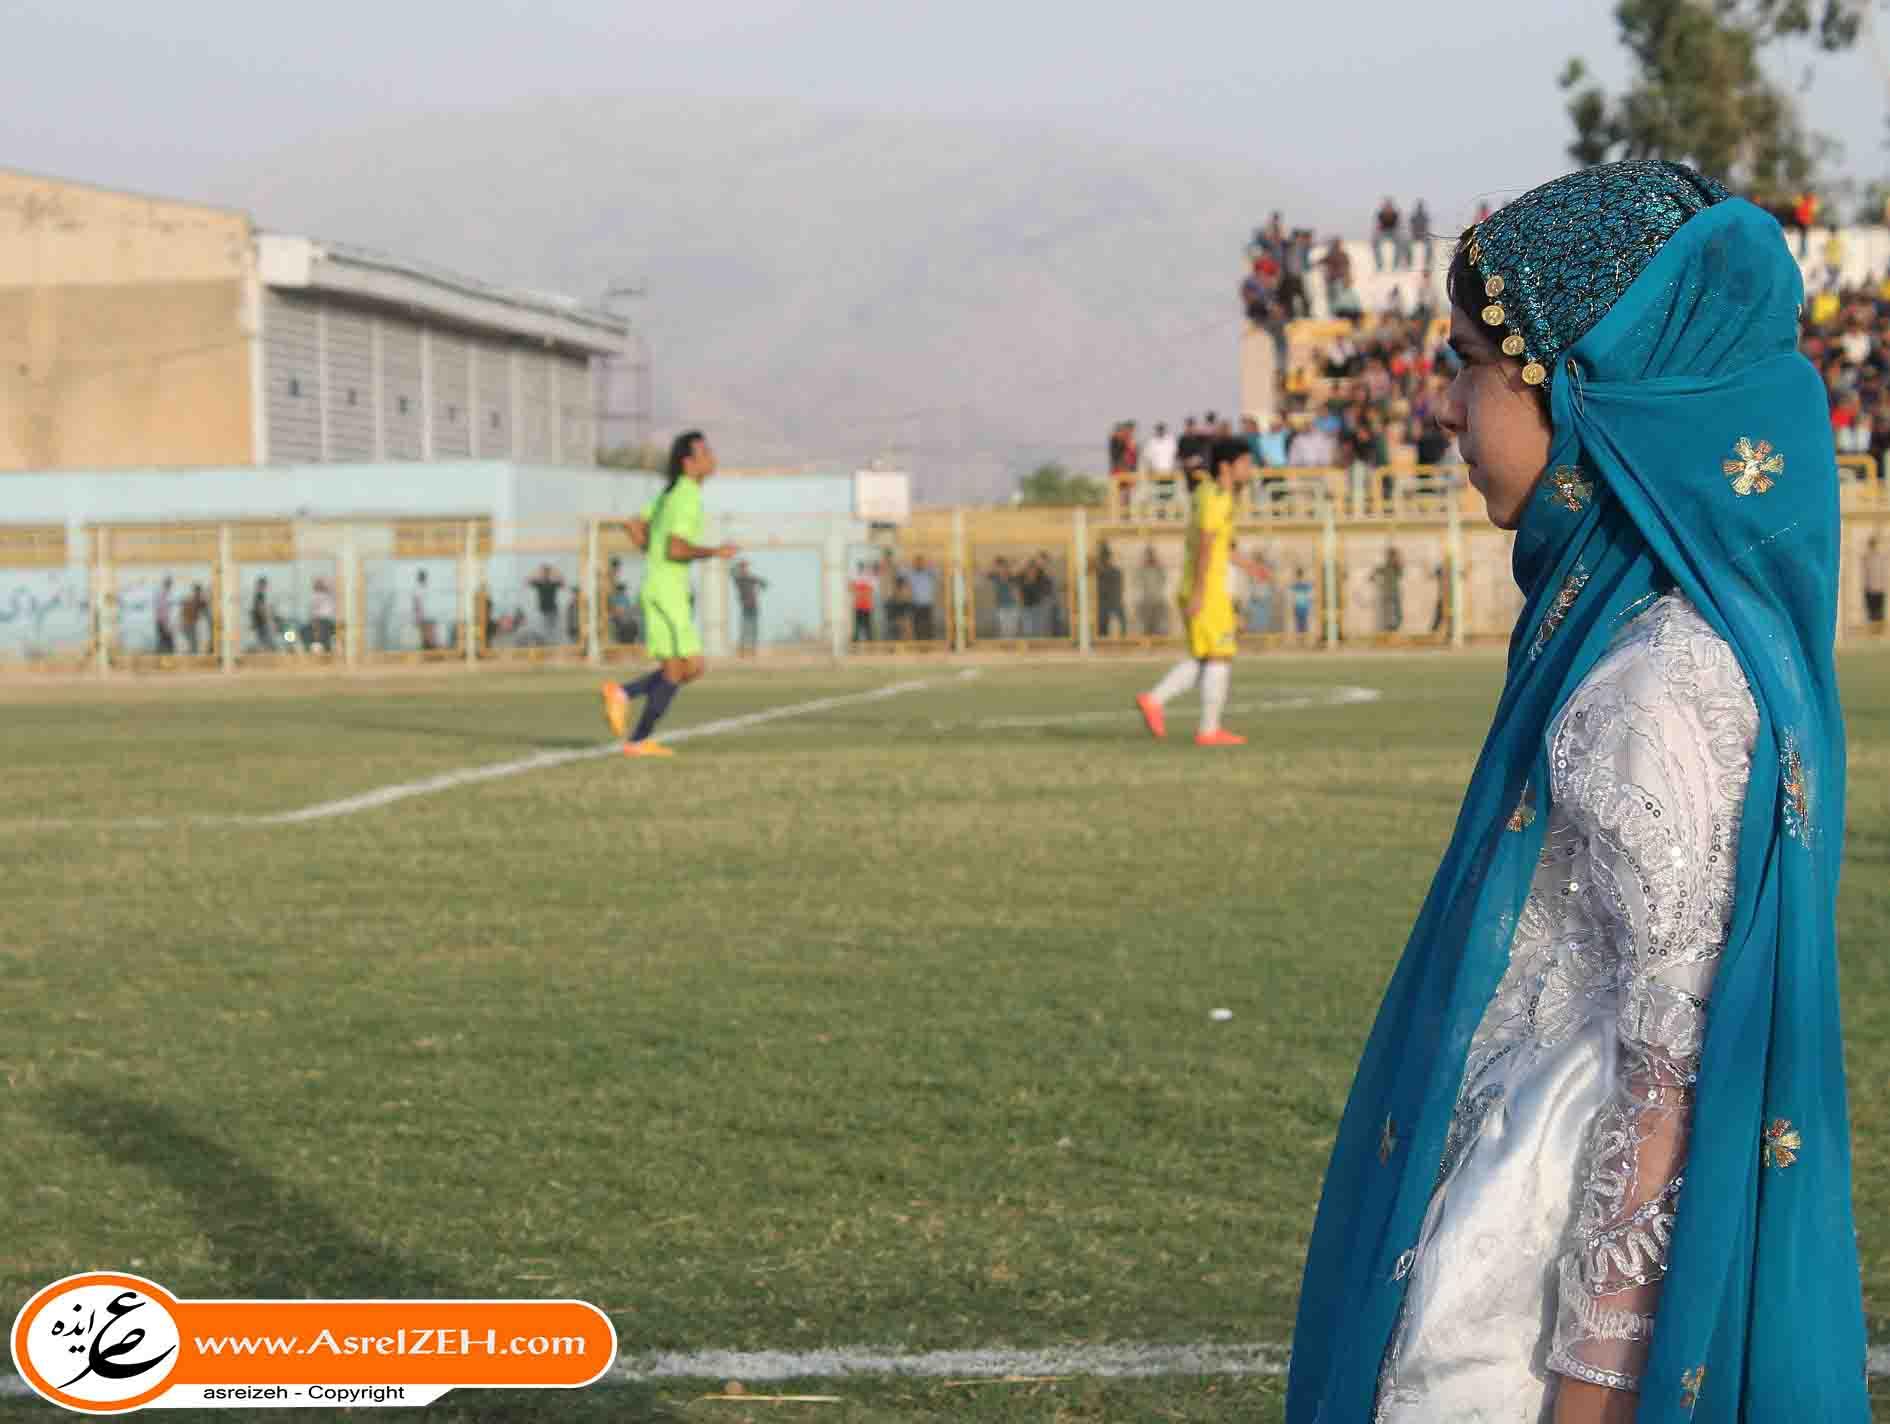 گزارش تصویری مسابقه دوستانه منتخب لیگ برتریهای خوزستان برابر منتخب میلاد ایذه